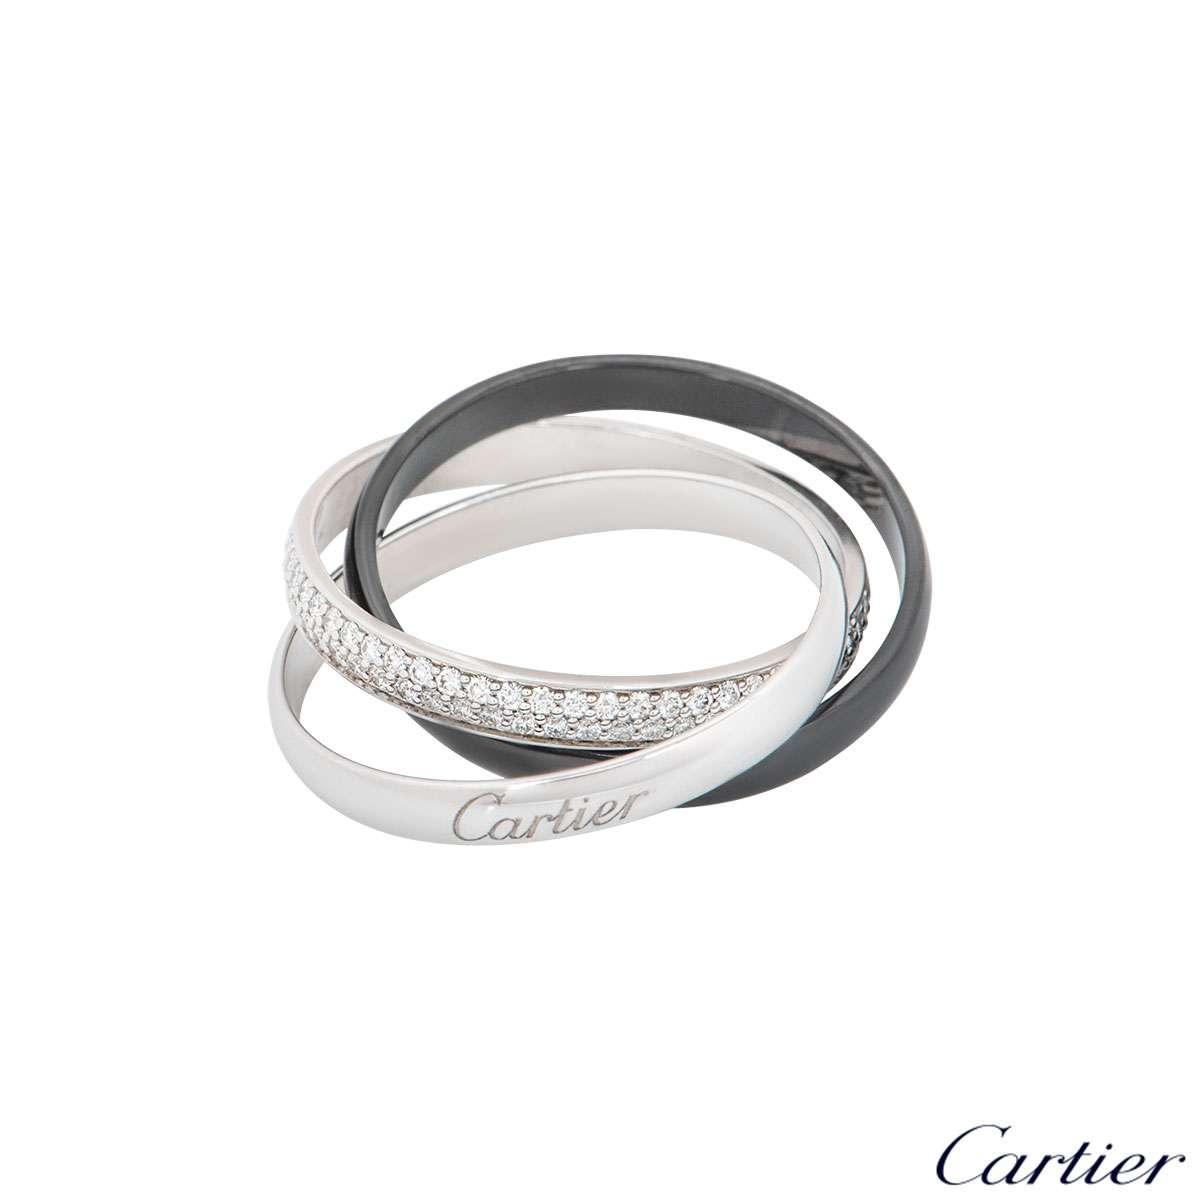 Cartier Trinity de Cartier Ring 18k White Gold and Ceramic B4095500